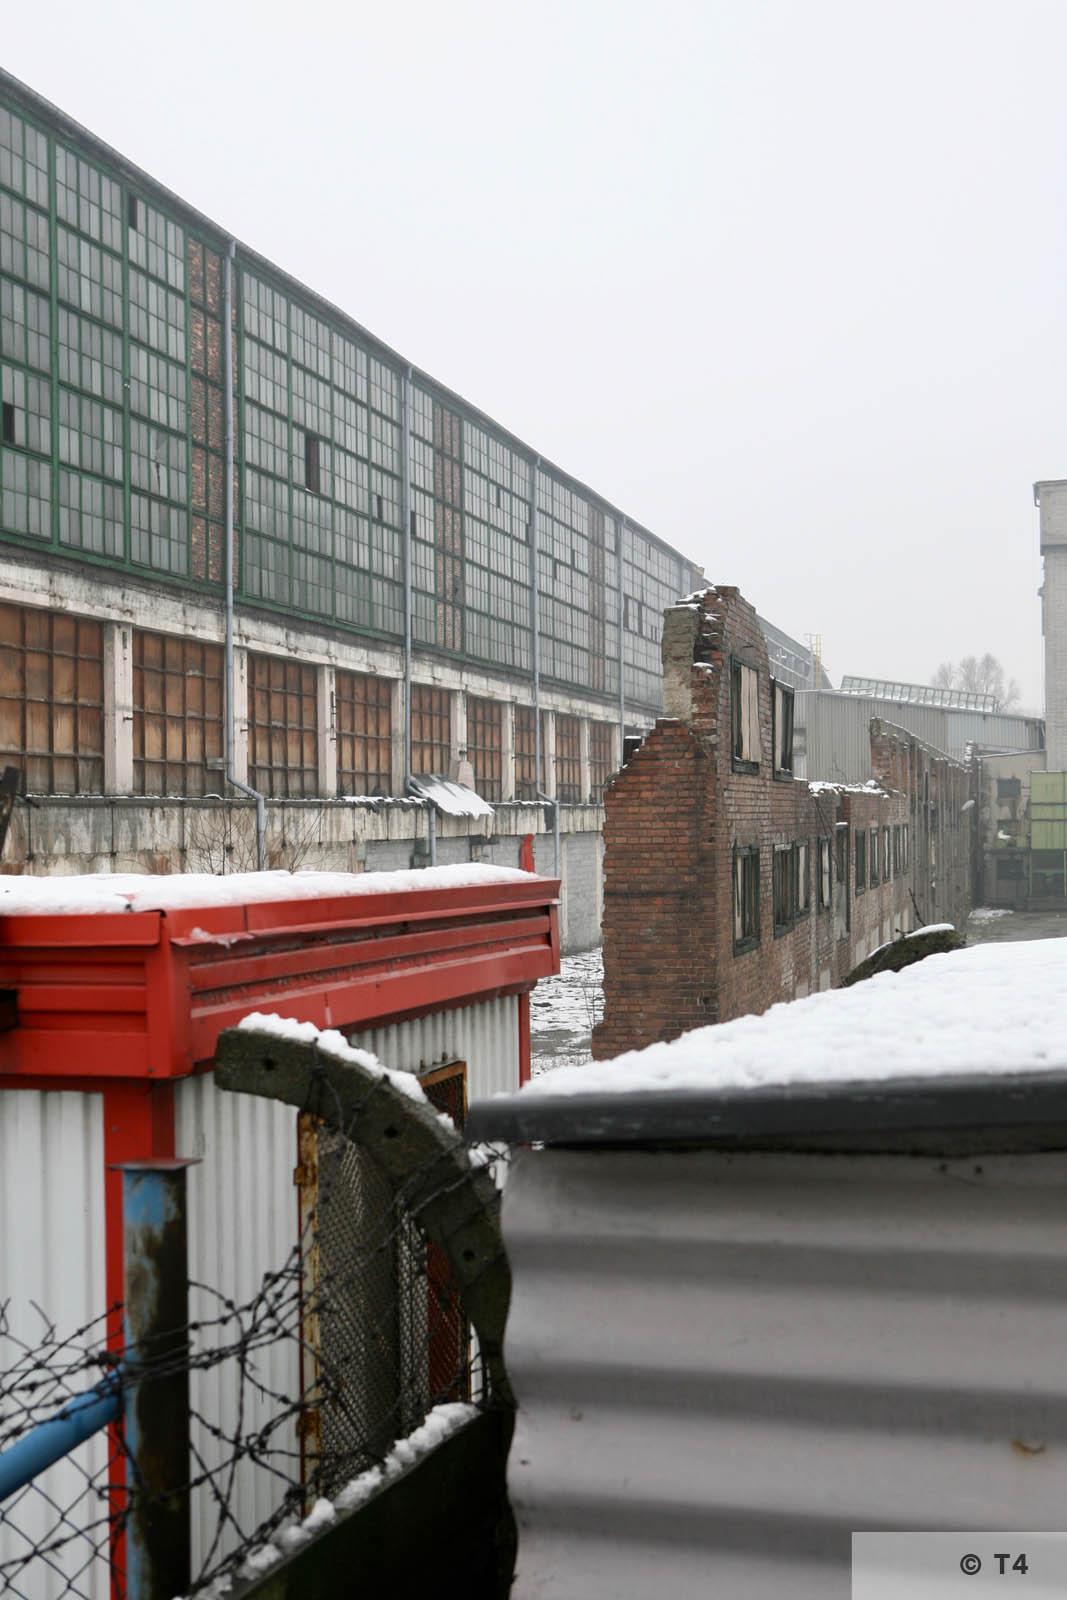 Zgoda steel plant. 2007 T4 5625